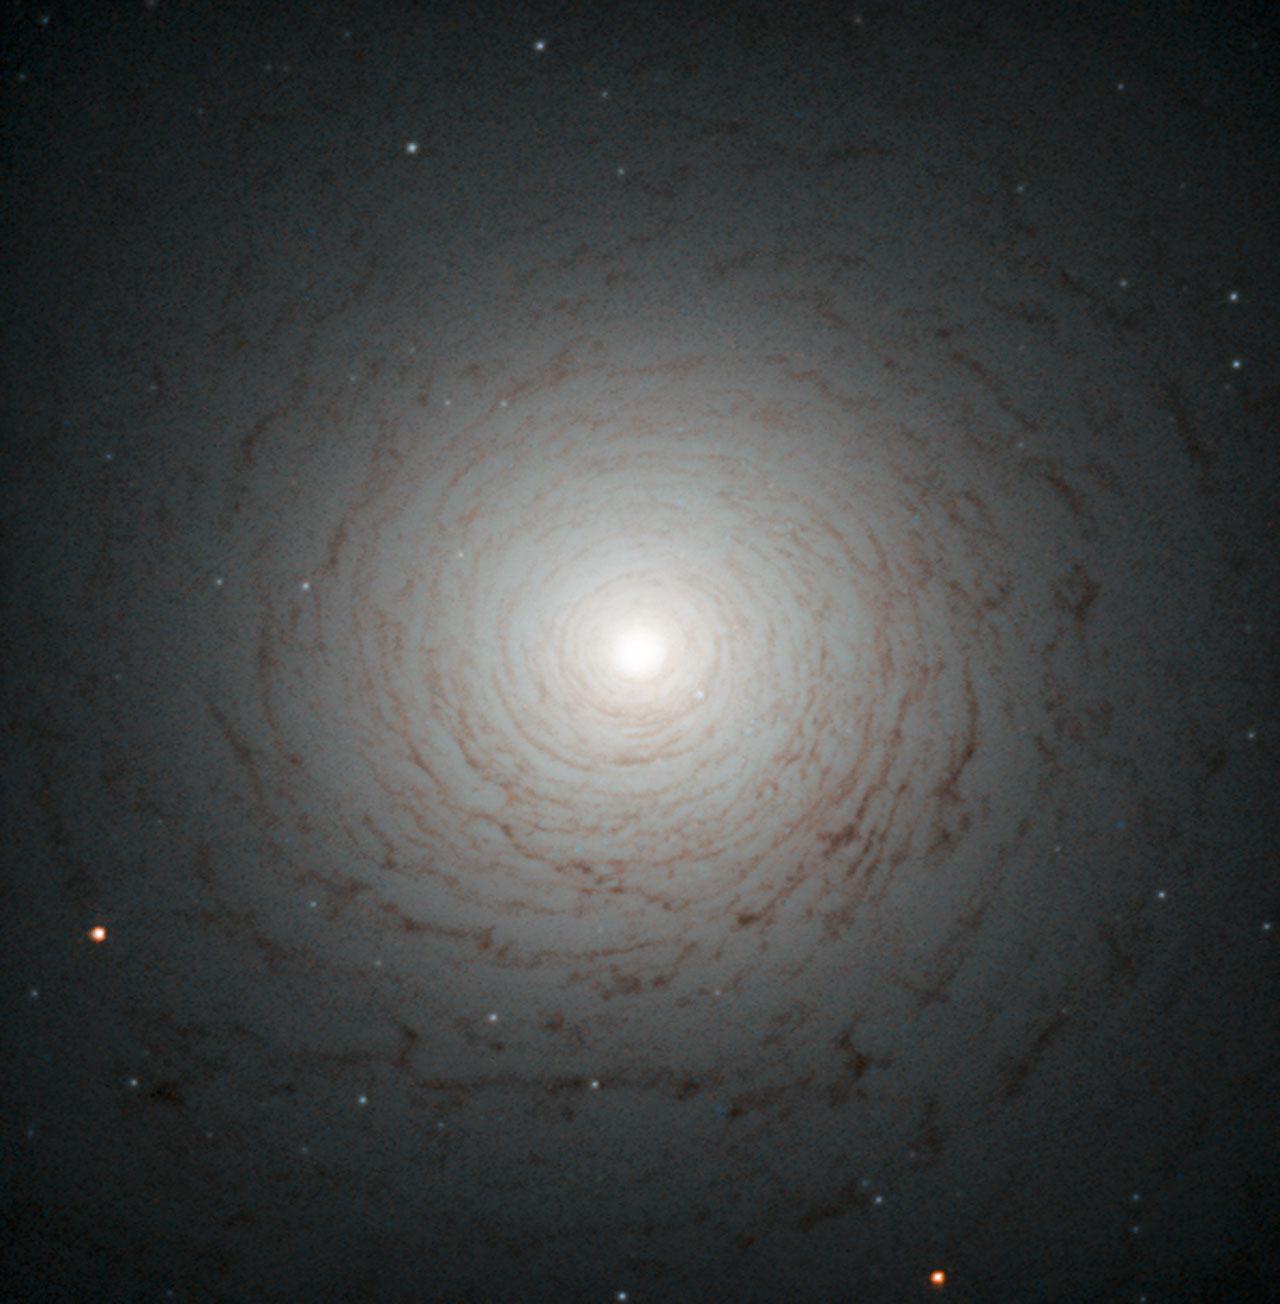 See larger image Image credit: ESA/Hubble & NASA